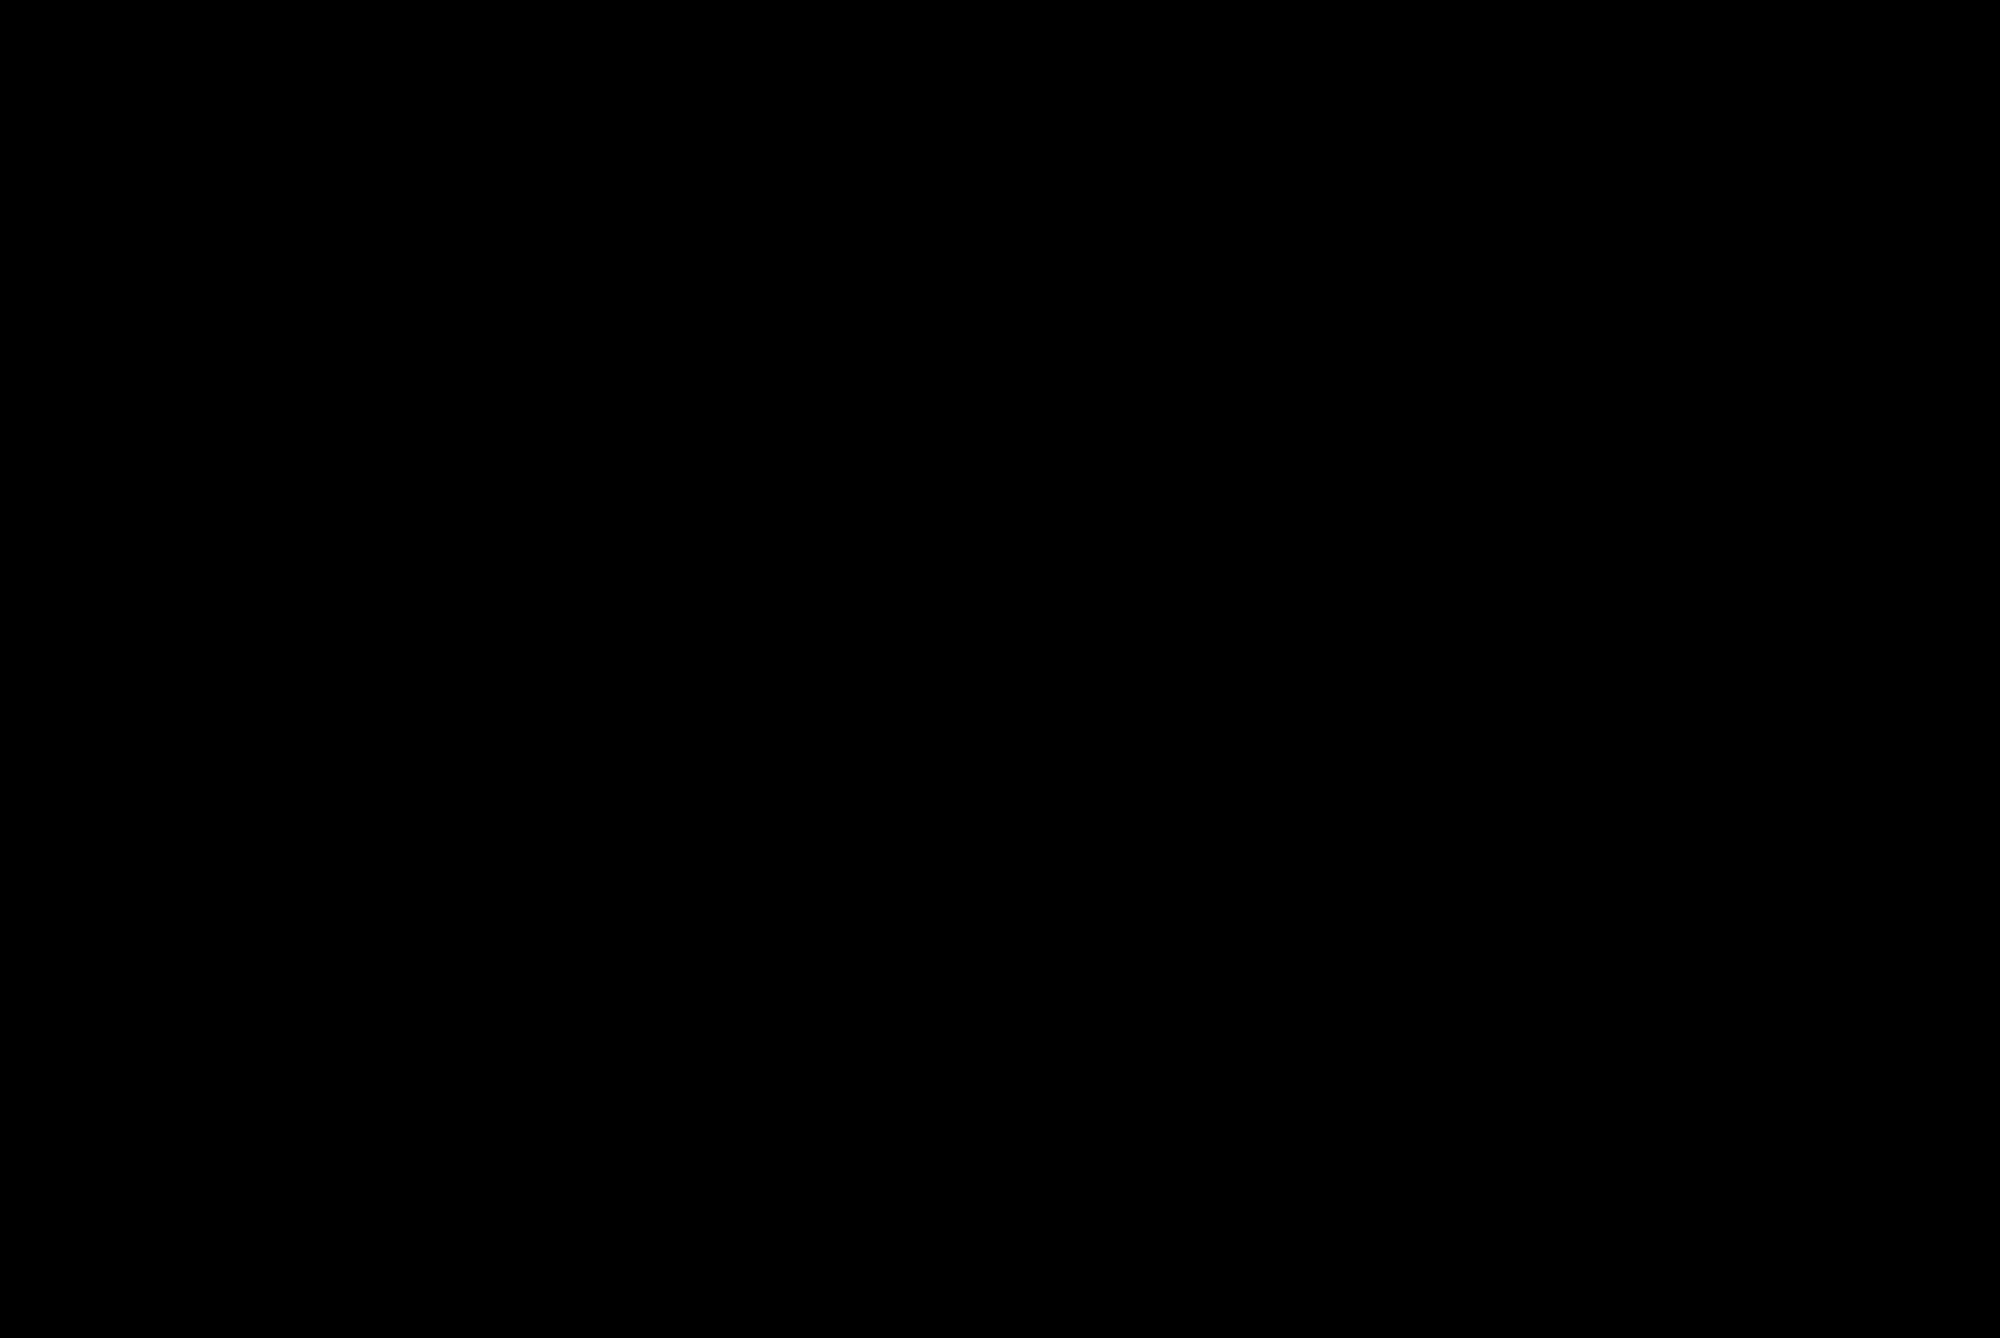 birgit-schnaase.-2021-02-17-